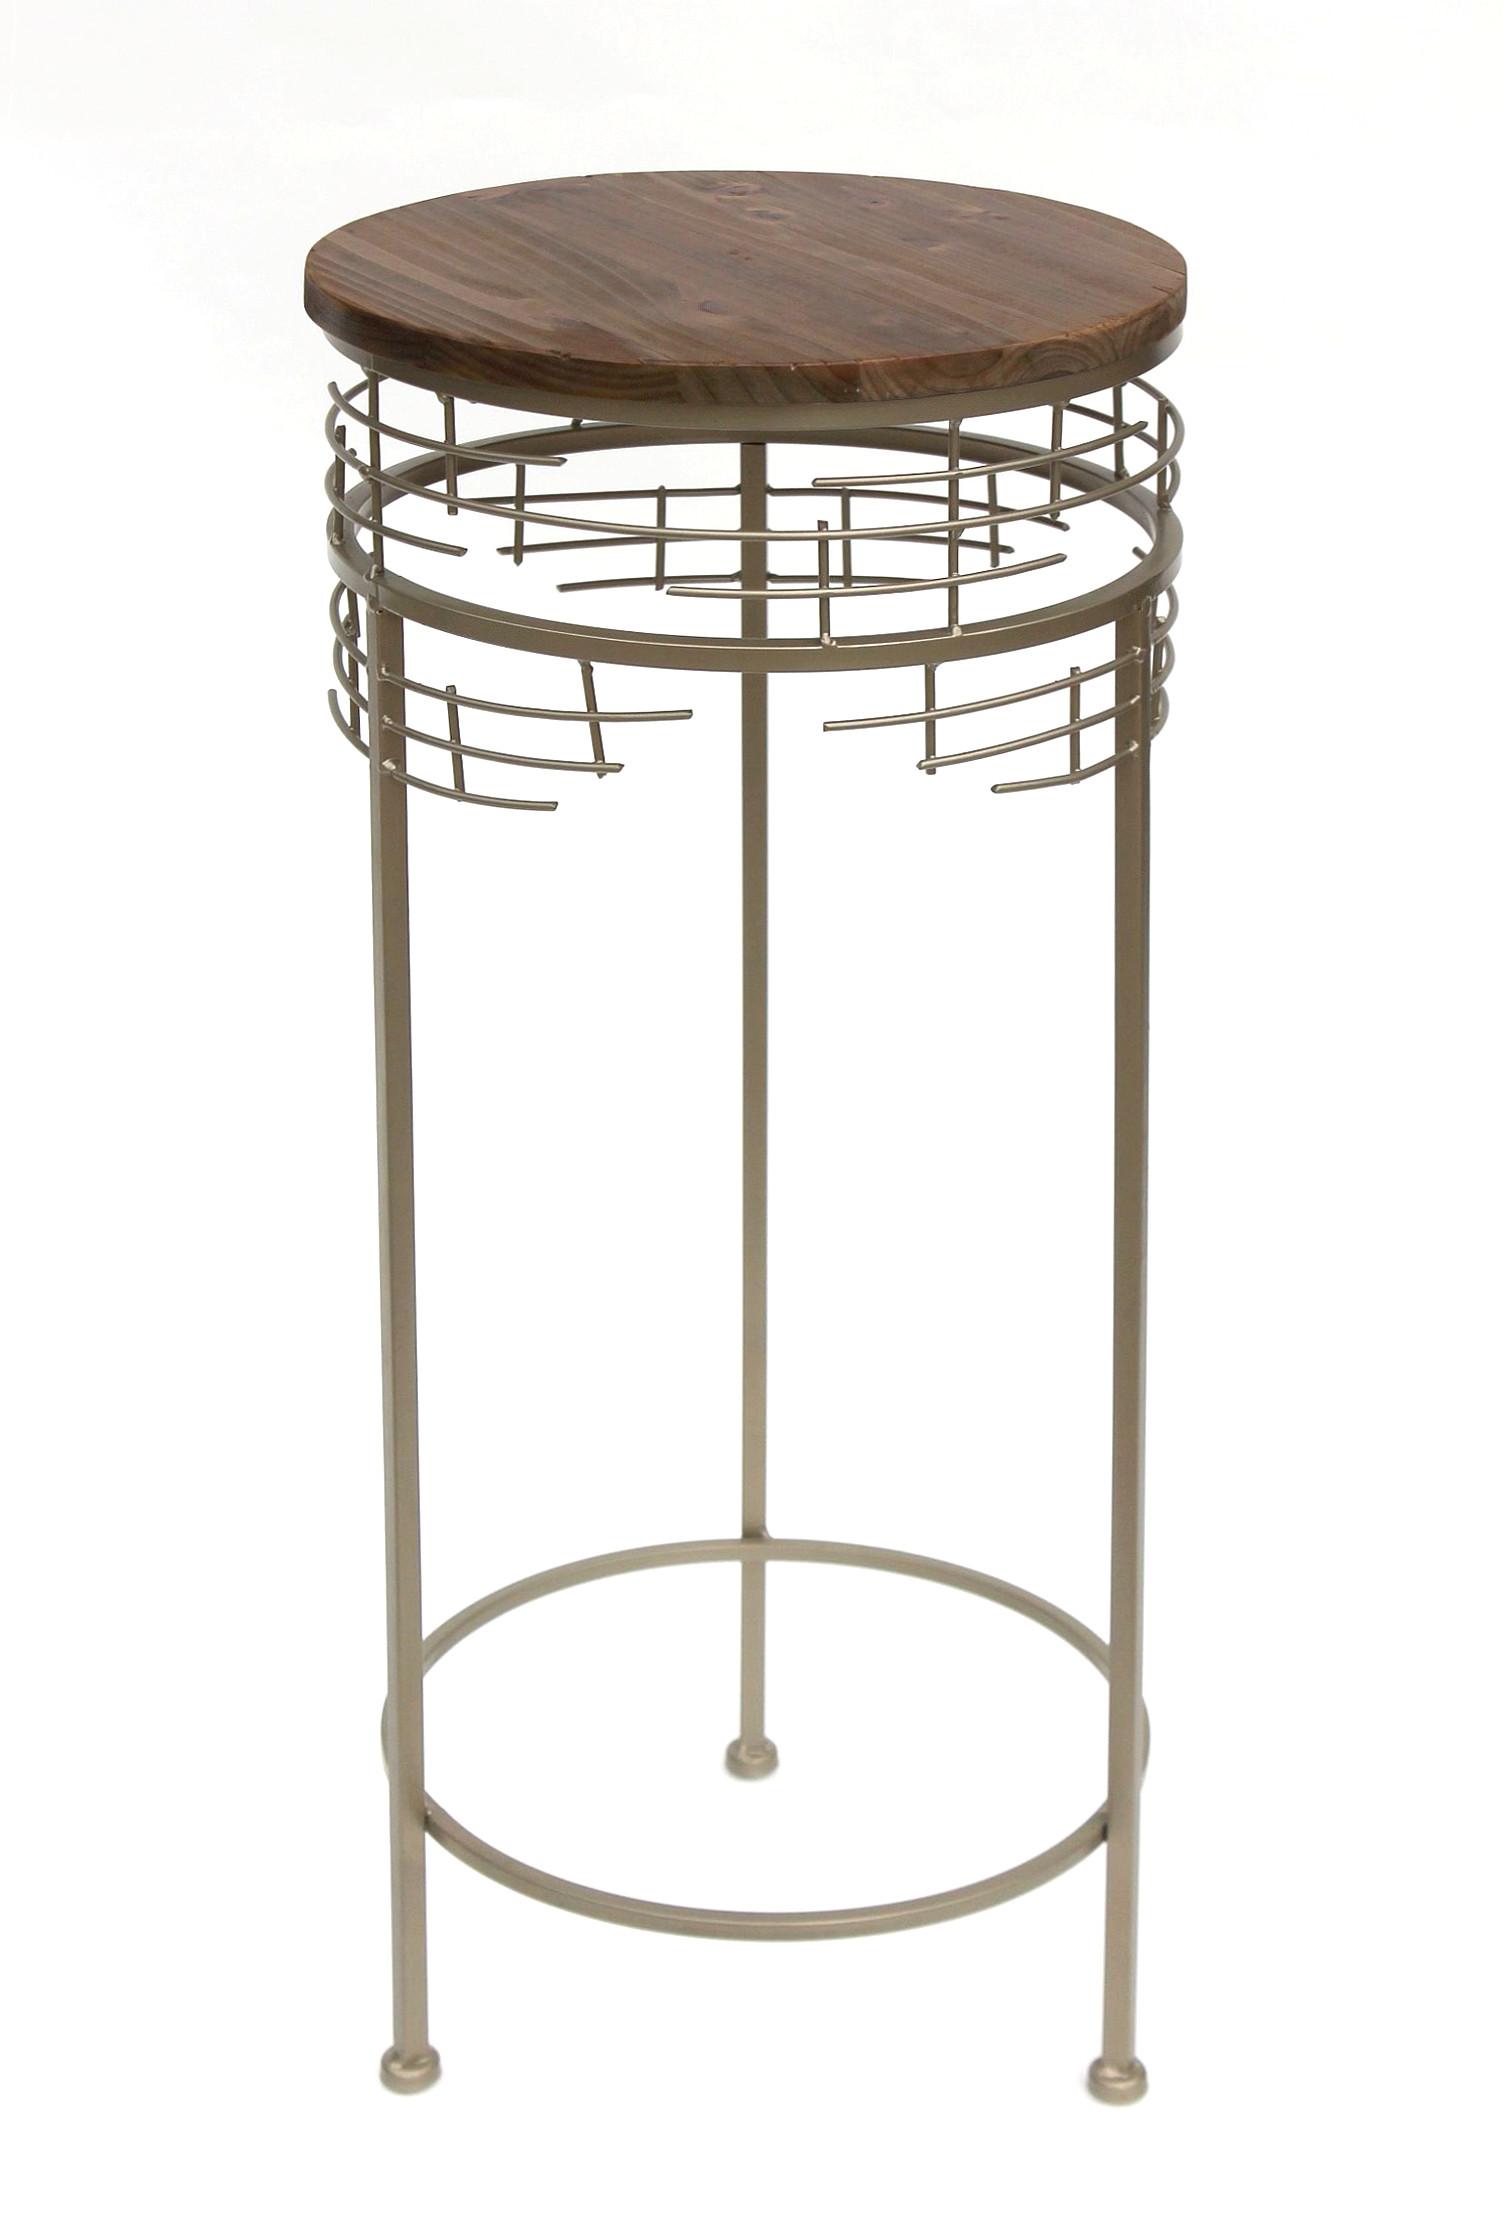 blumenhocker metall 21288 l blumenst nder 73 cm rund. Black Bedroom Furniture Sets. Home Design Ideas